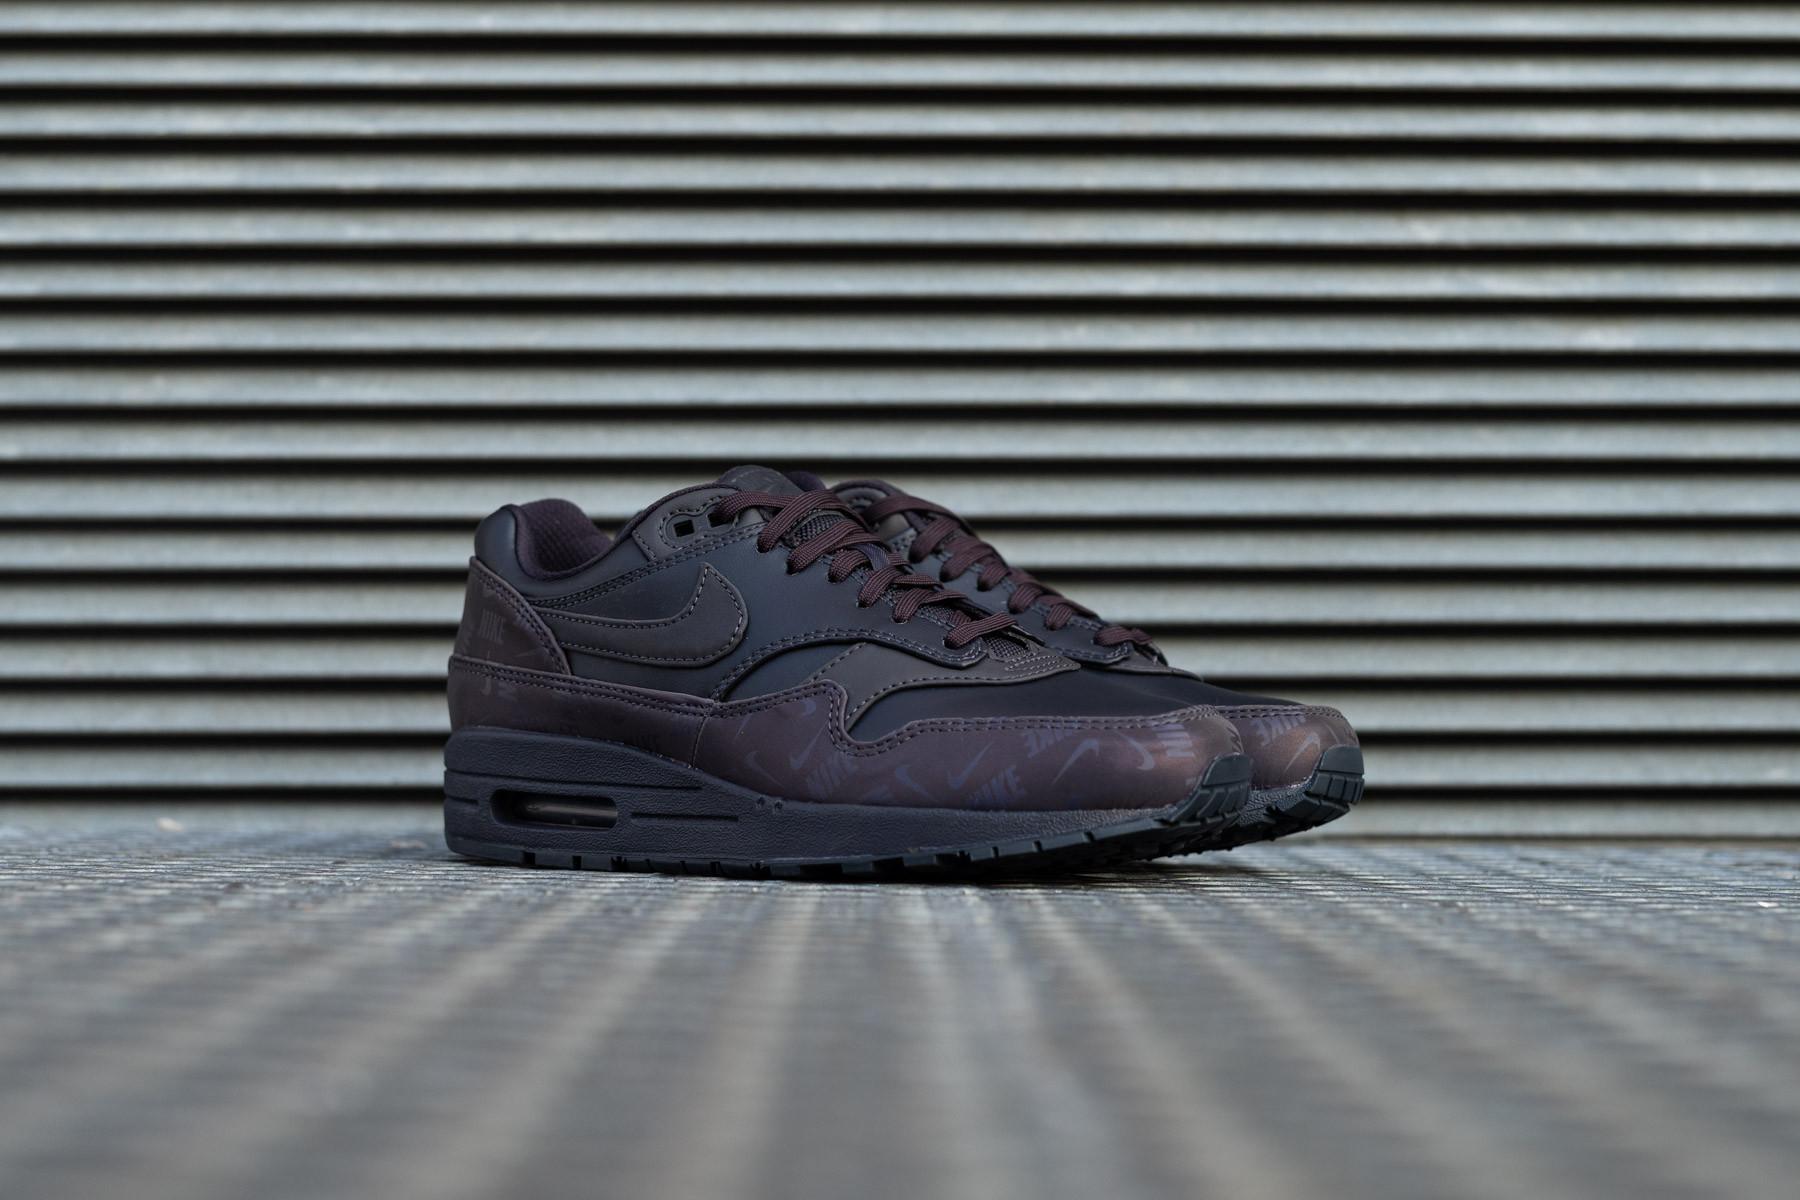 3a36a745e0 W Nike Air Max 1 LX - Sneaker.no